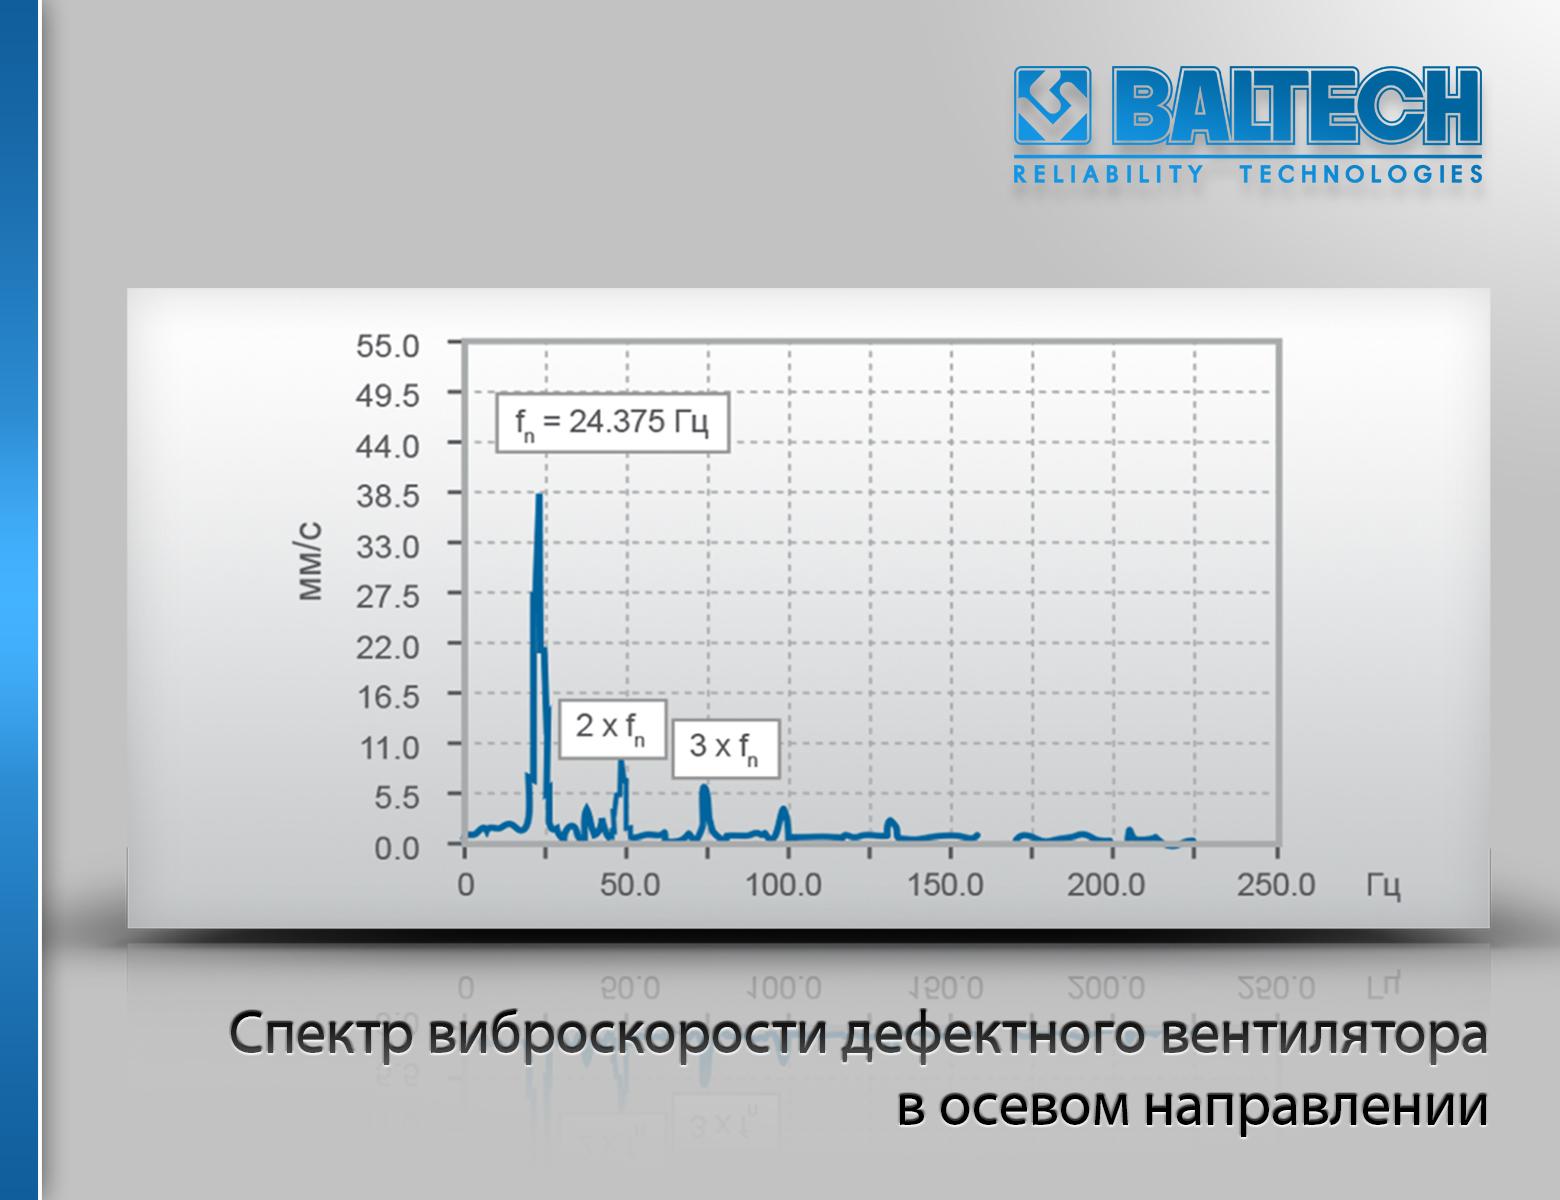 Спектр виброскорости дефектного вентилятора в осевом направлении